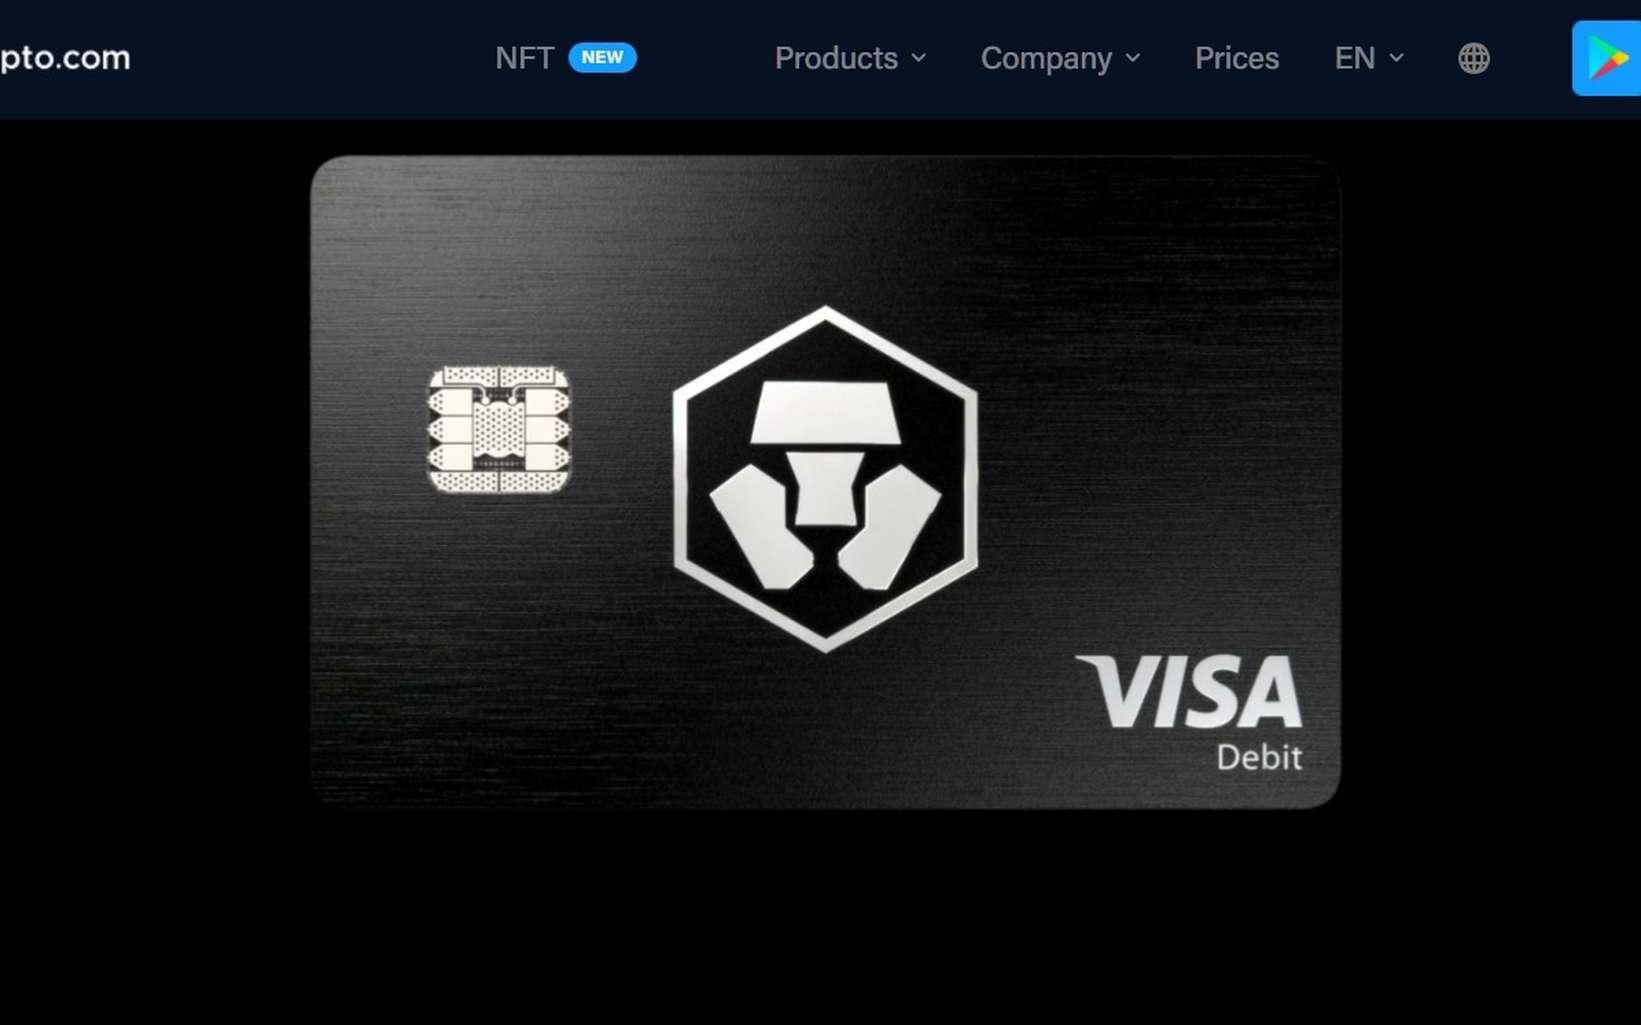 Crypto.com propose une carte de crédit sur un compte alimenté en cryptomonnaies – mais soutenue par l'établissement Visa. © Crypto.com